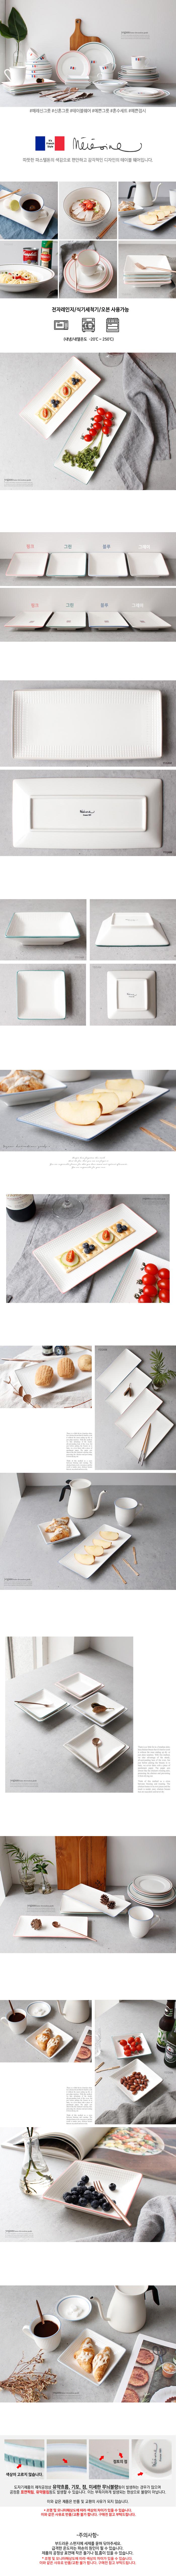 (메레신) 마인드터치 접시(3size) lovesweety - 꾸미기 좋은날, 10,600원, 접시/찬기, 접시